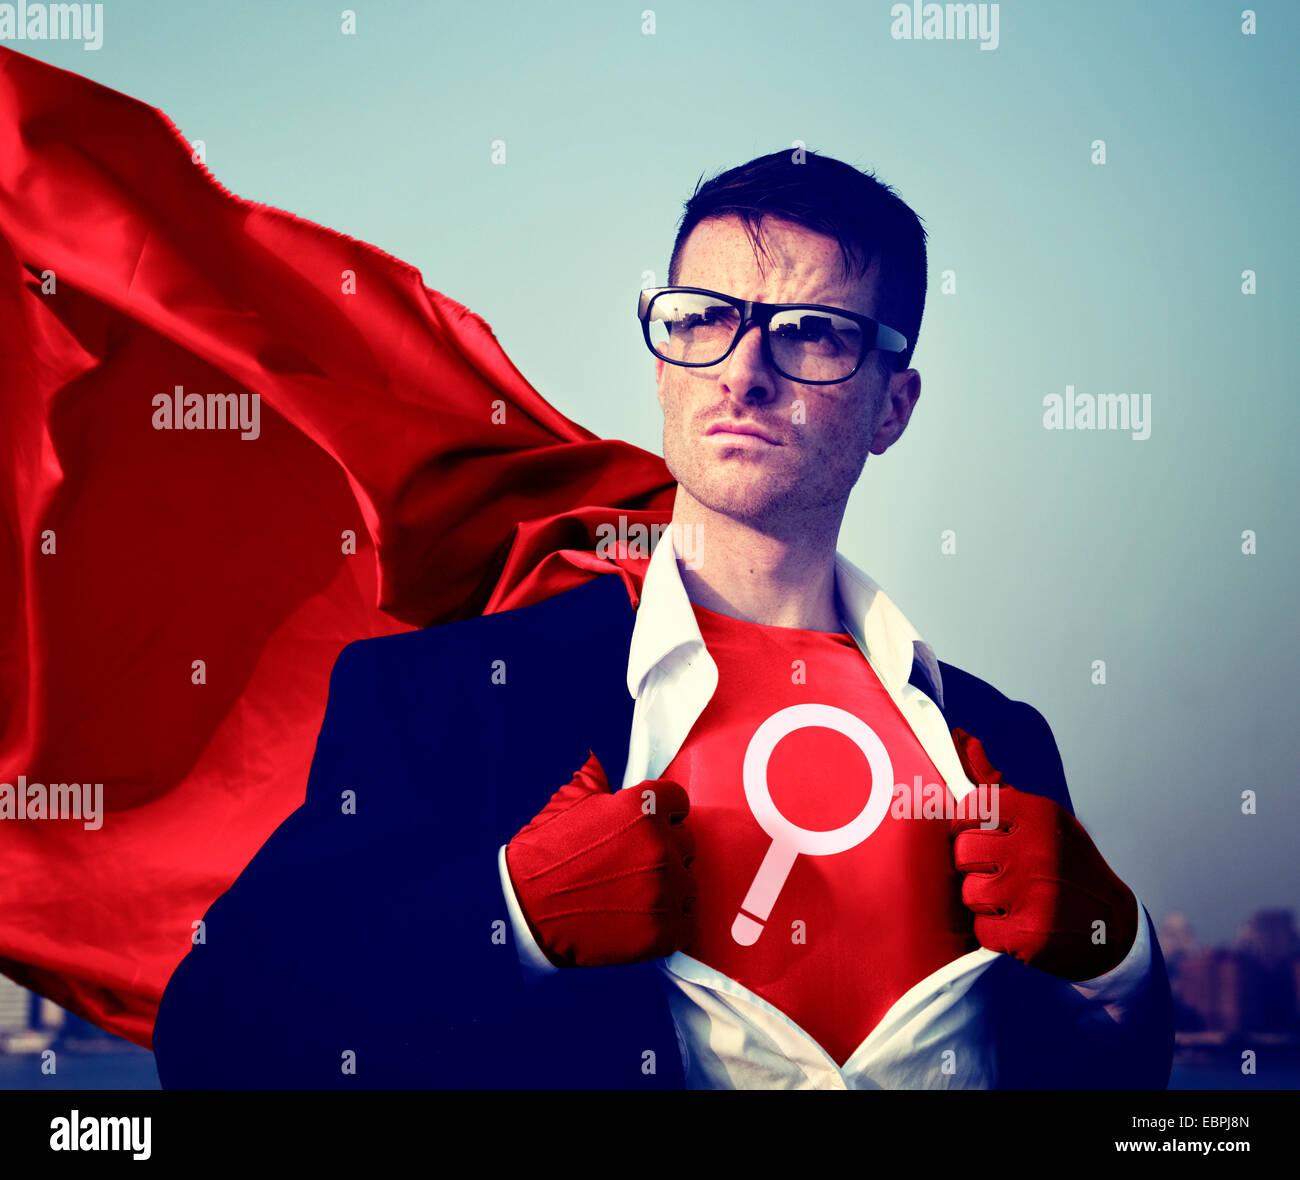 Forte du succès du super-héros grossissant habilitation professionnelle Concept Stock Photo Stock